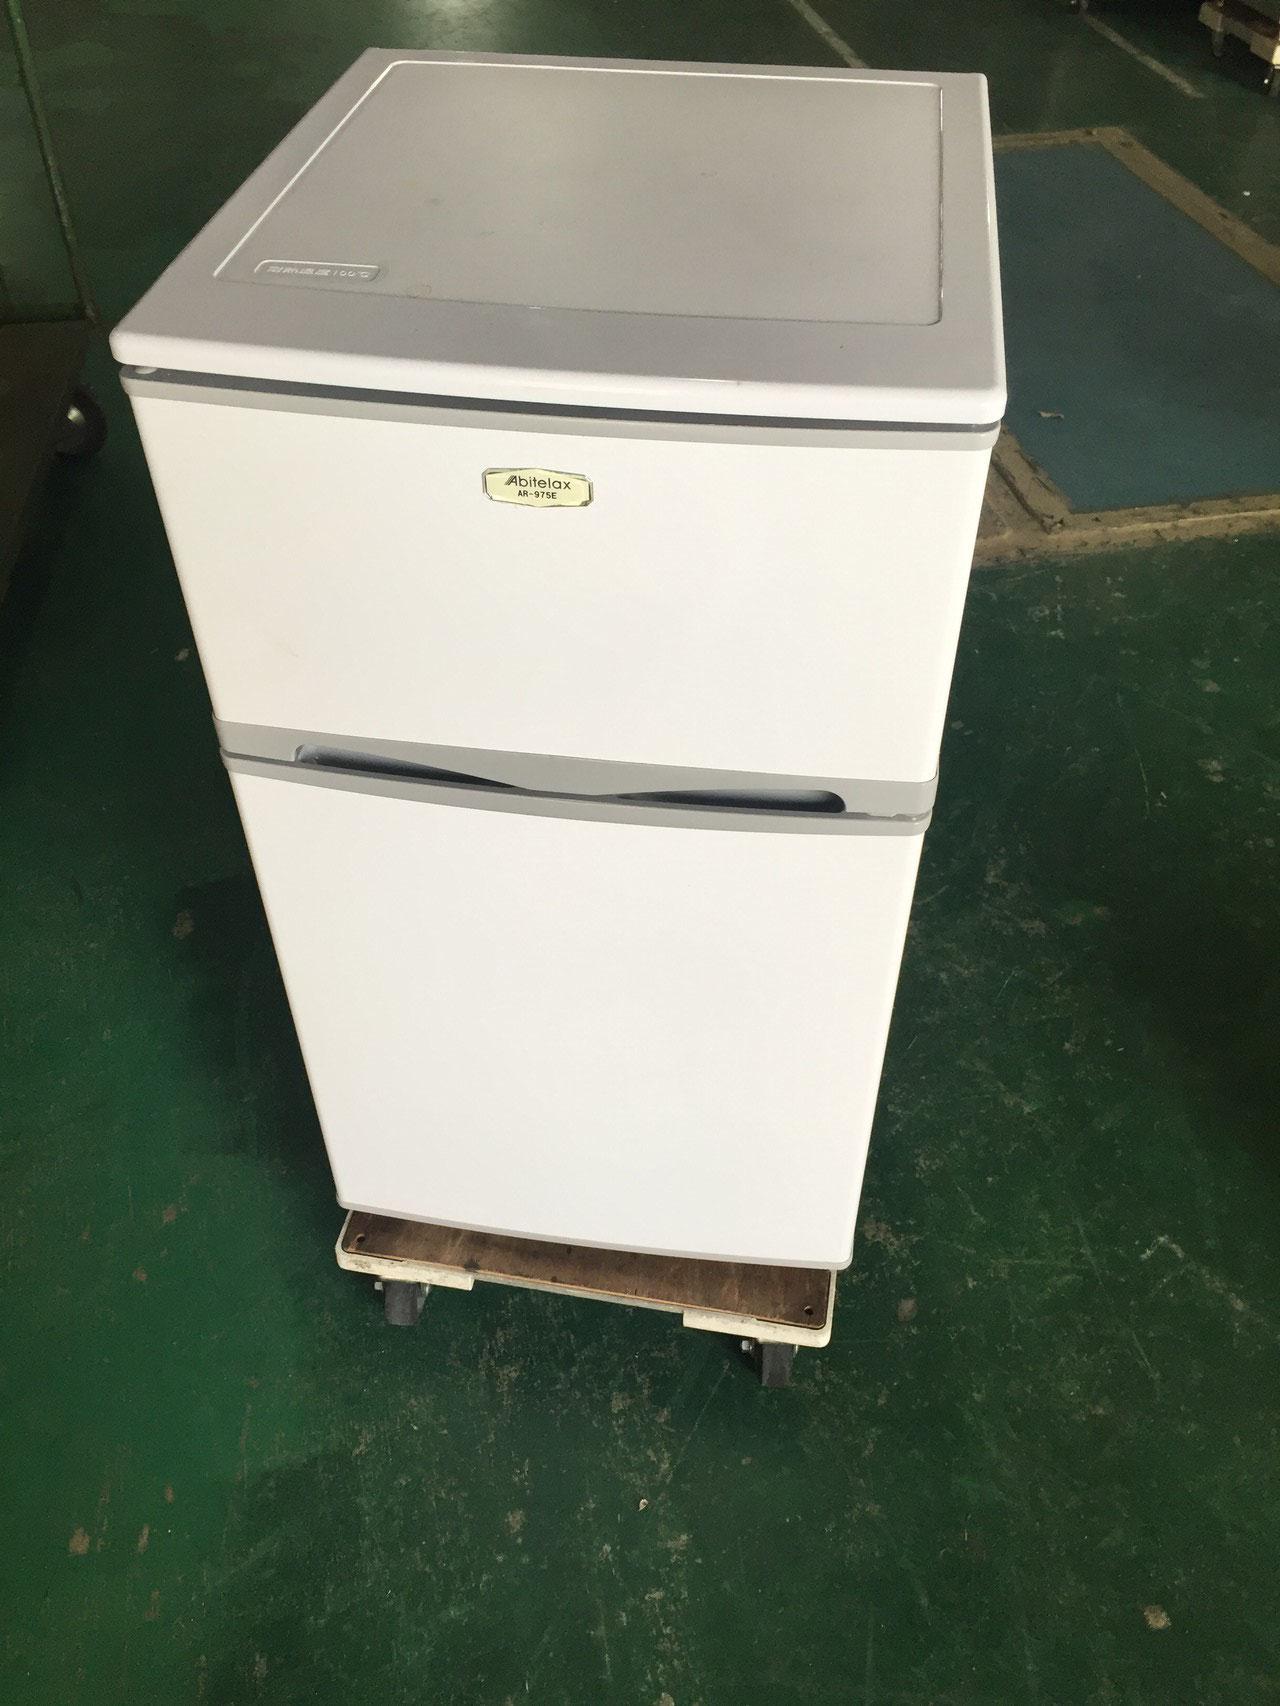 アビテラックス冷蔵庫